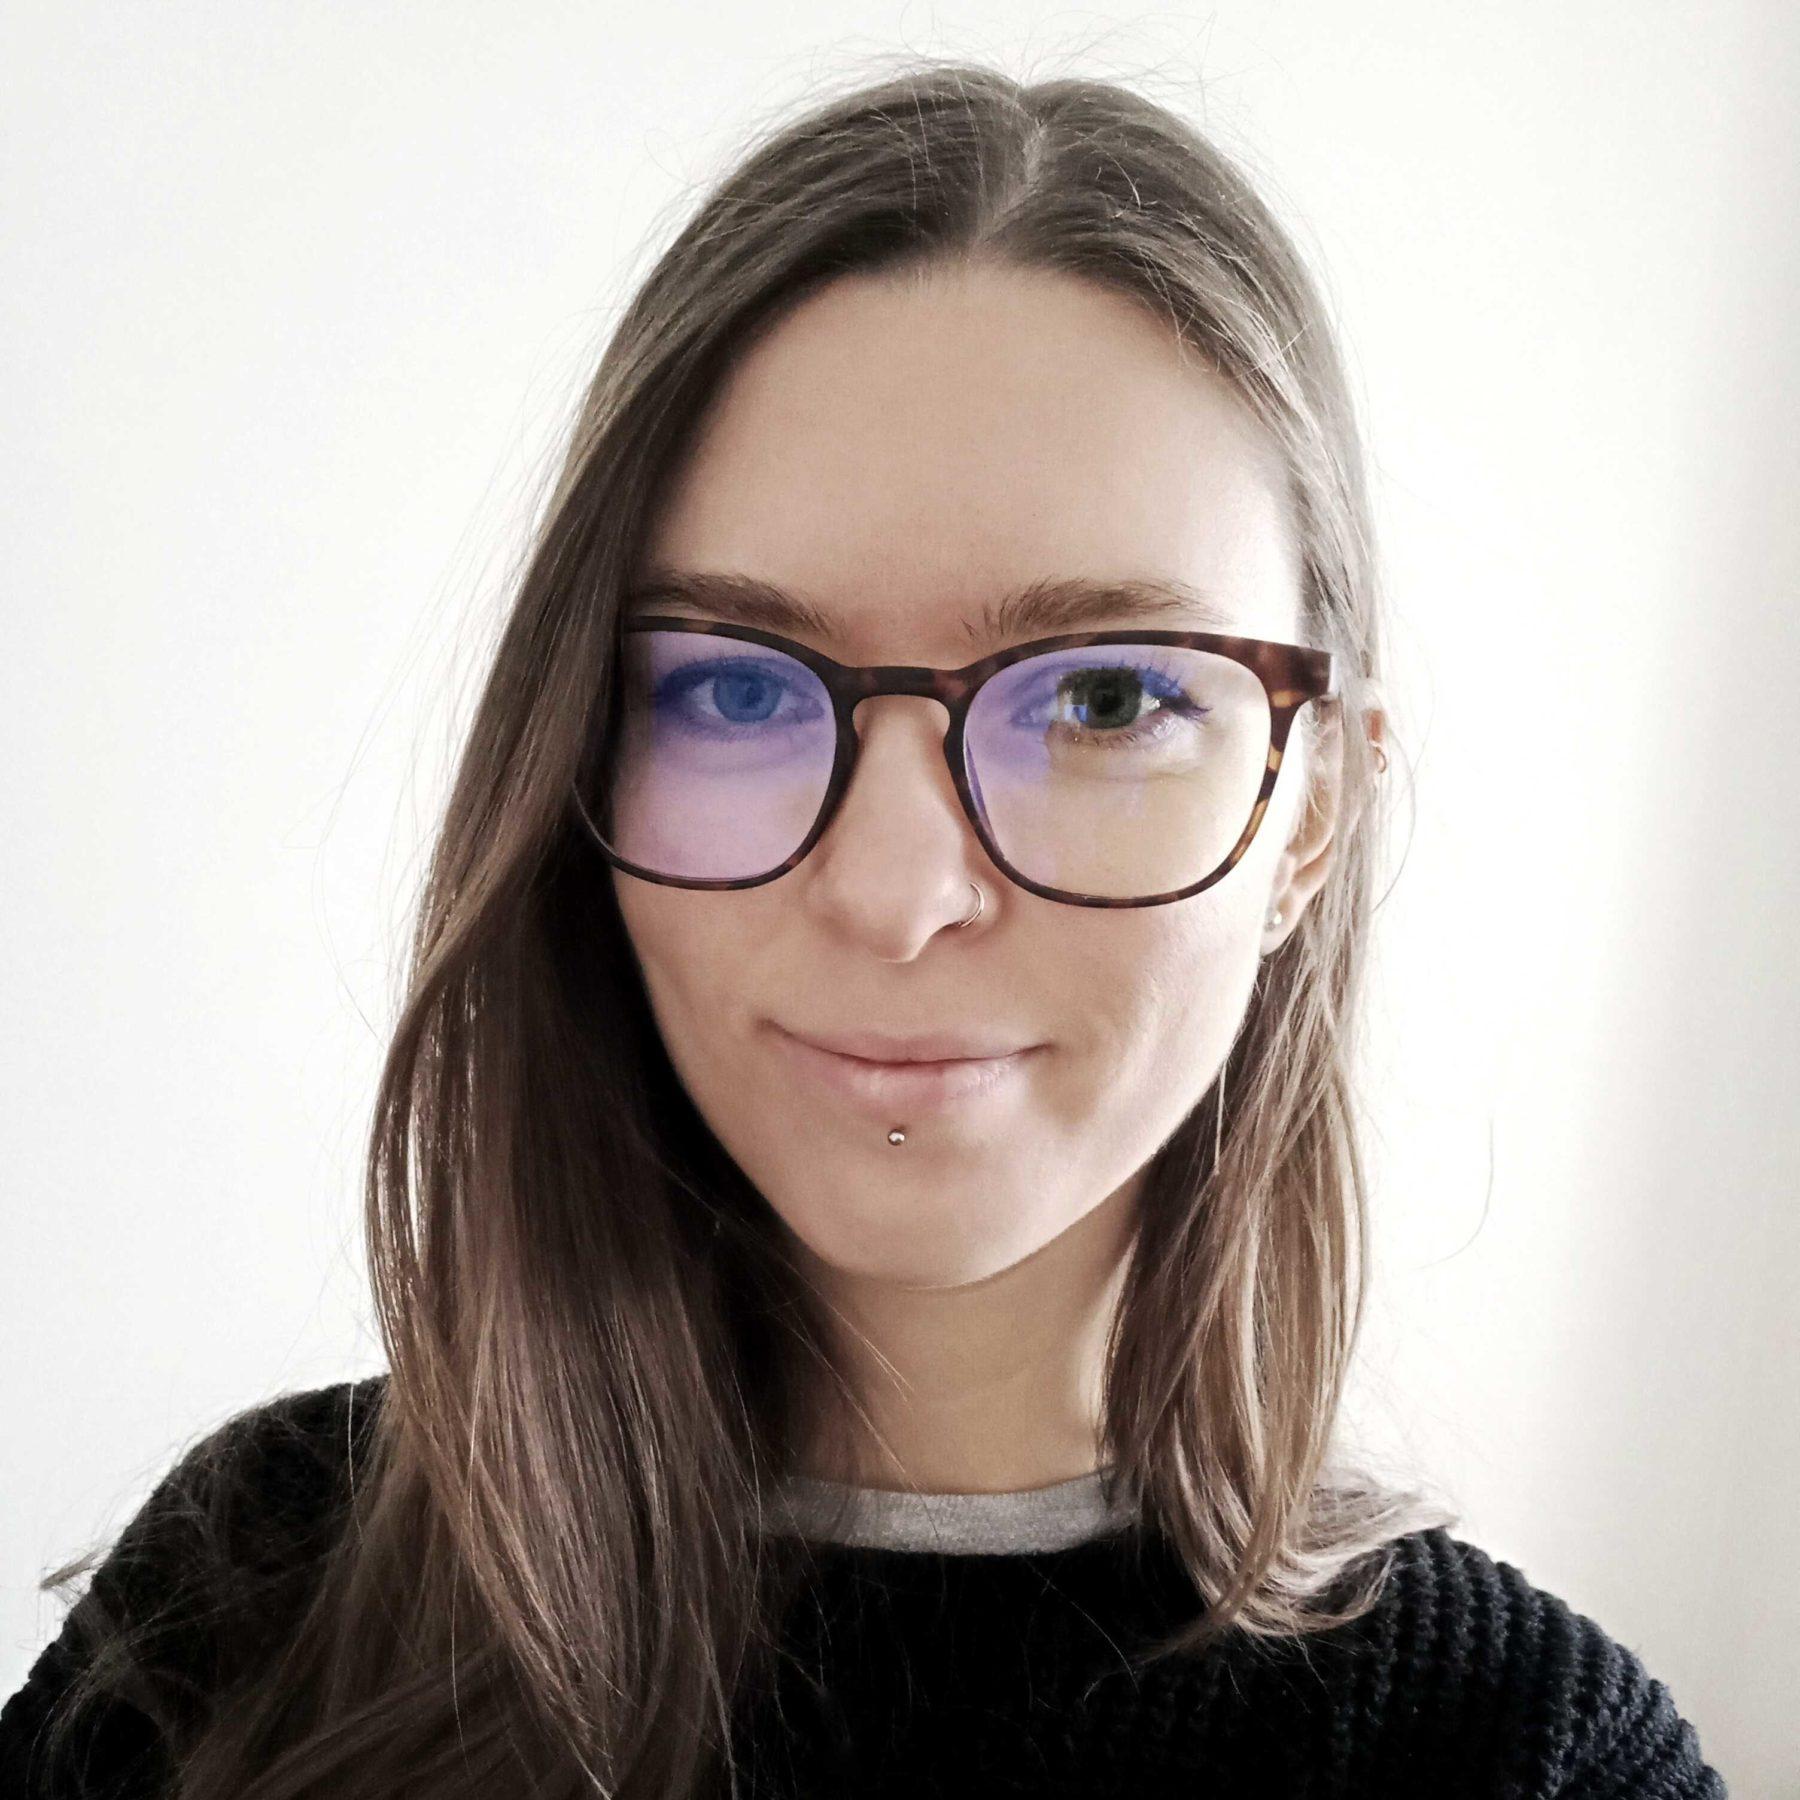 Image Of Laura Samulionyte